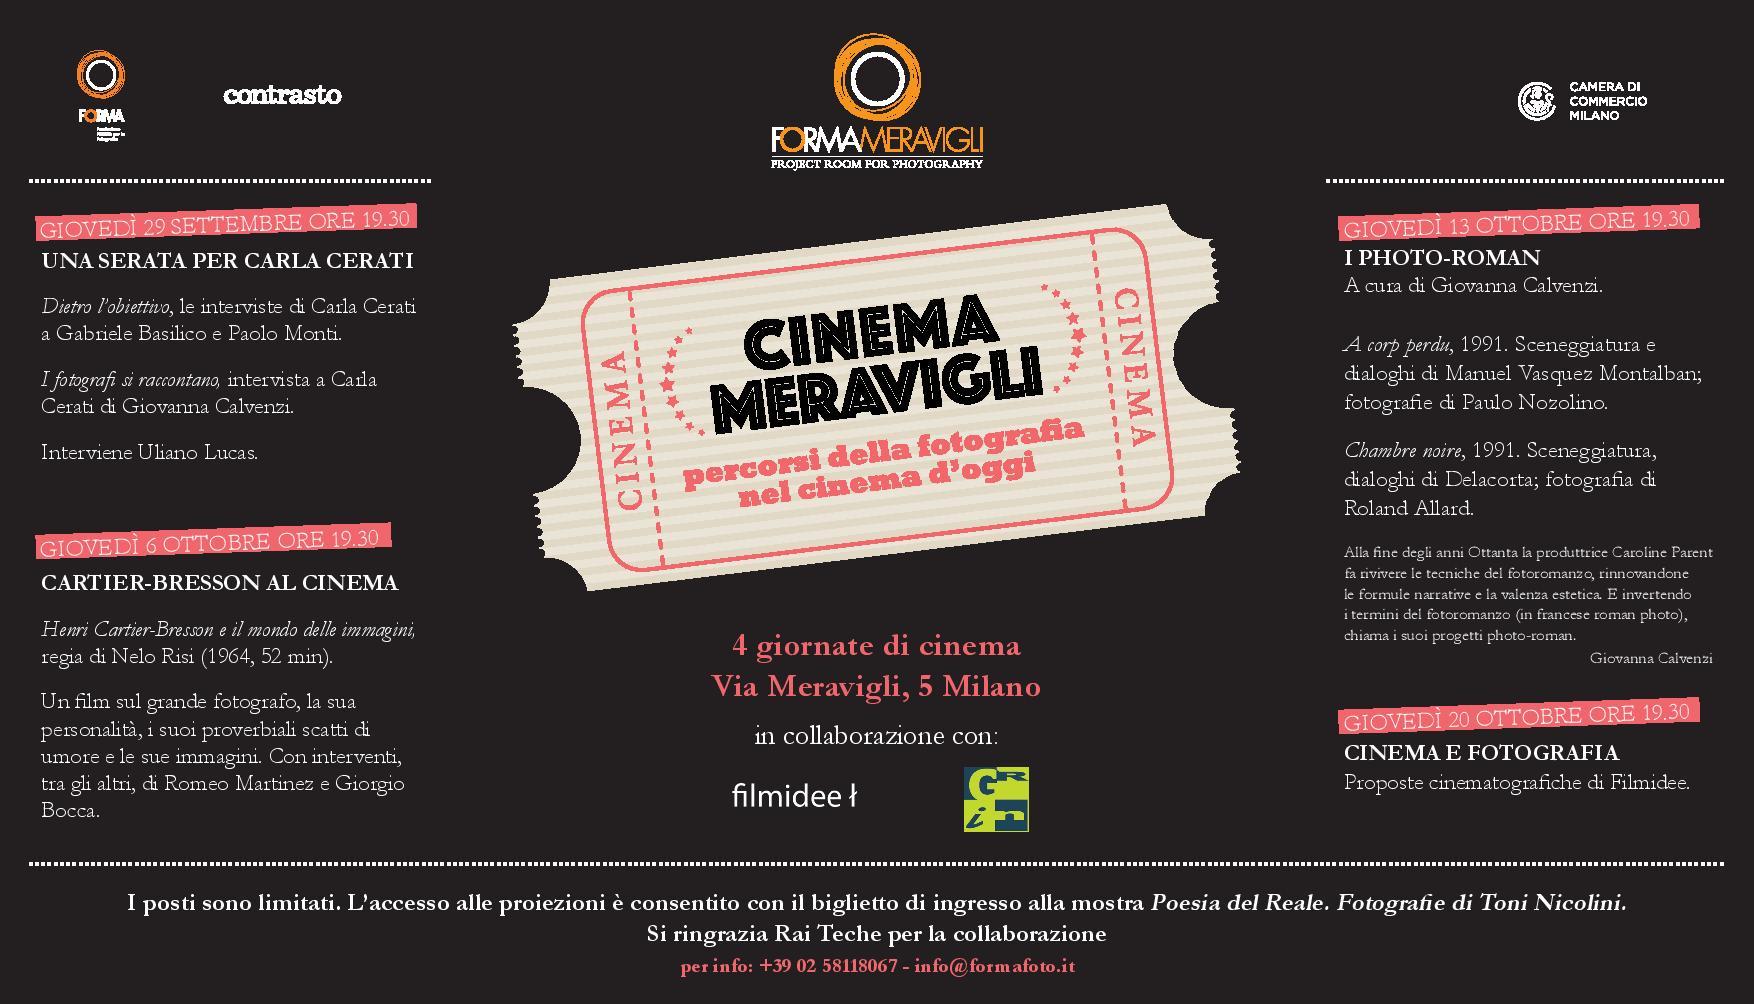 Cinema e fotografia. Torna a Milano l'appuntamento con 'Cinema Meravigli'